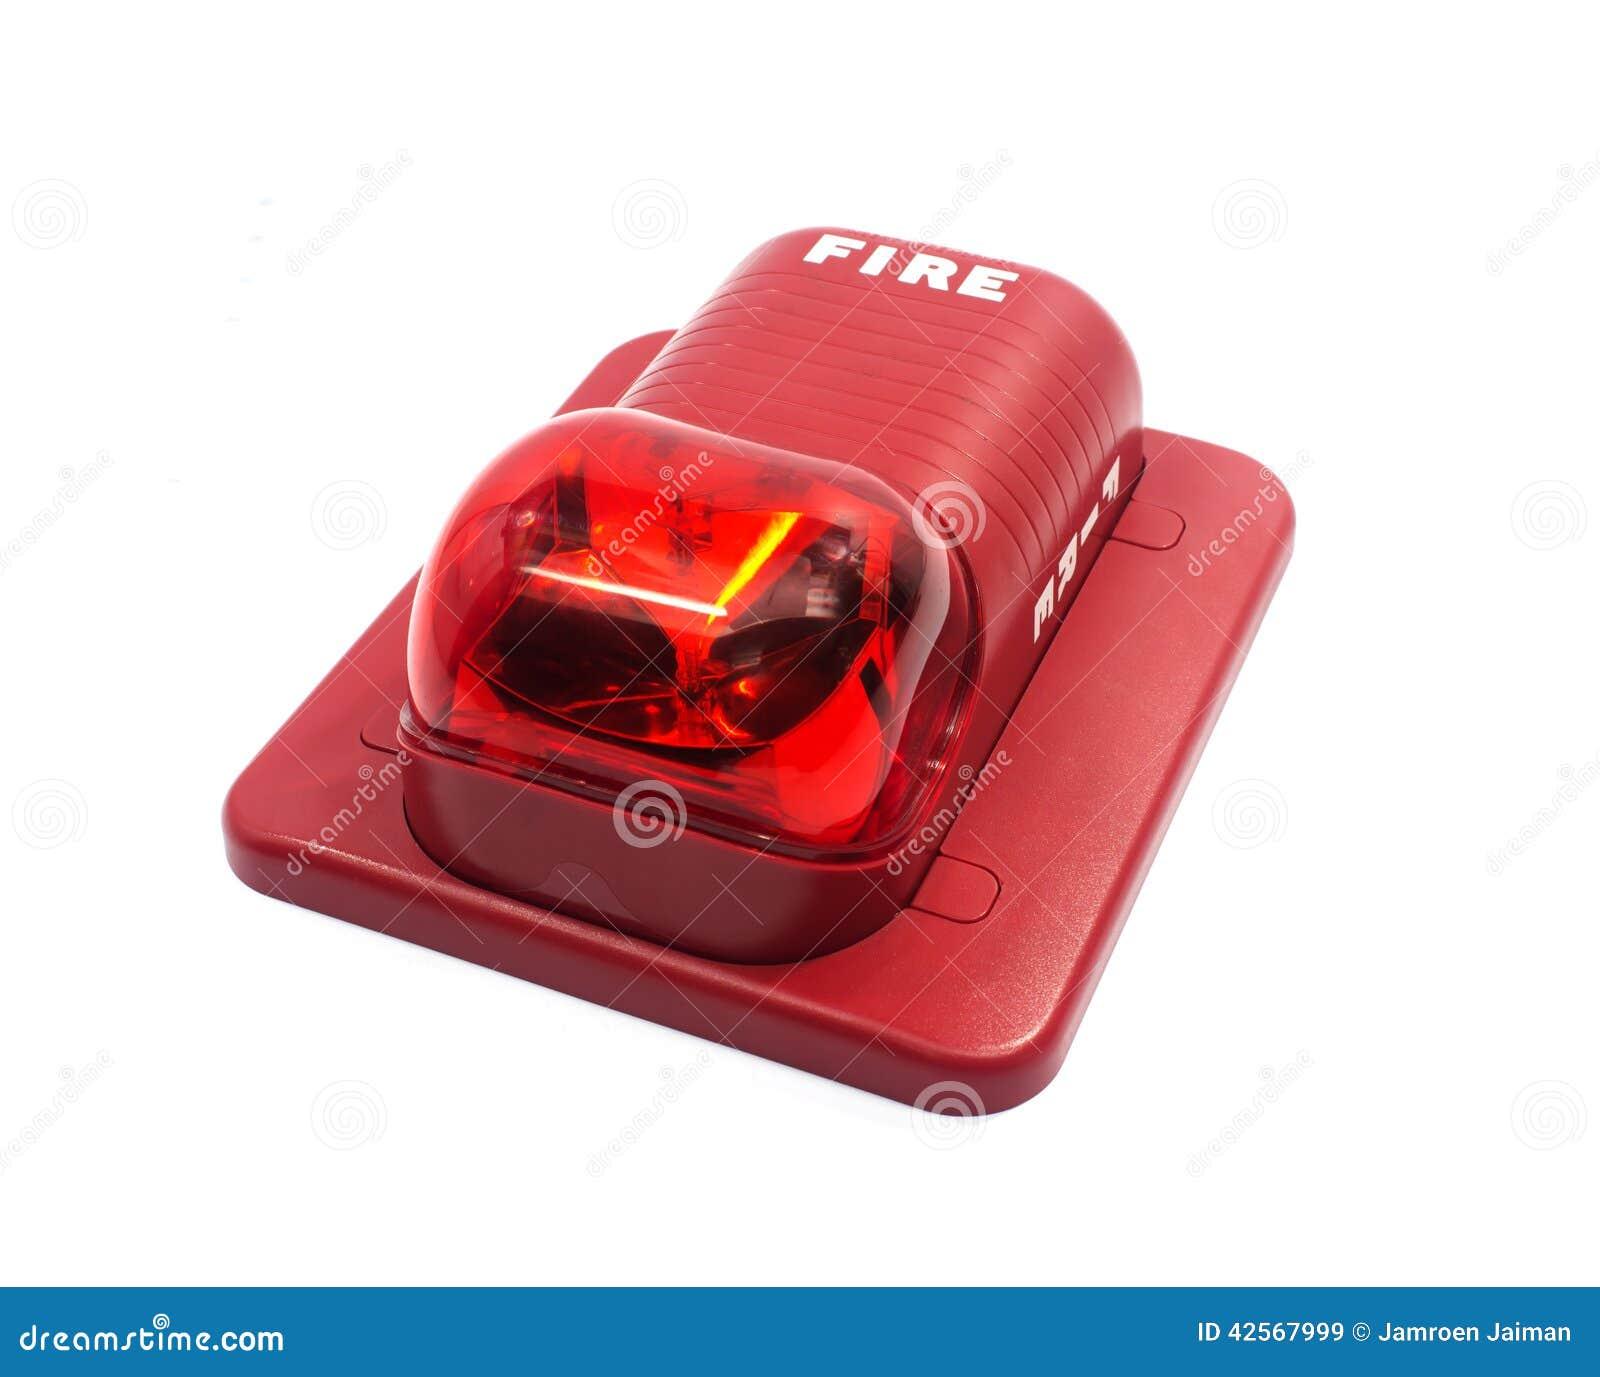 Alarma de incendio con construido en luz del estroboscópico a la alarma en caso del fuego